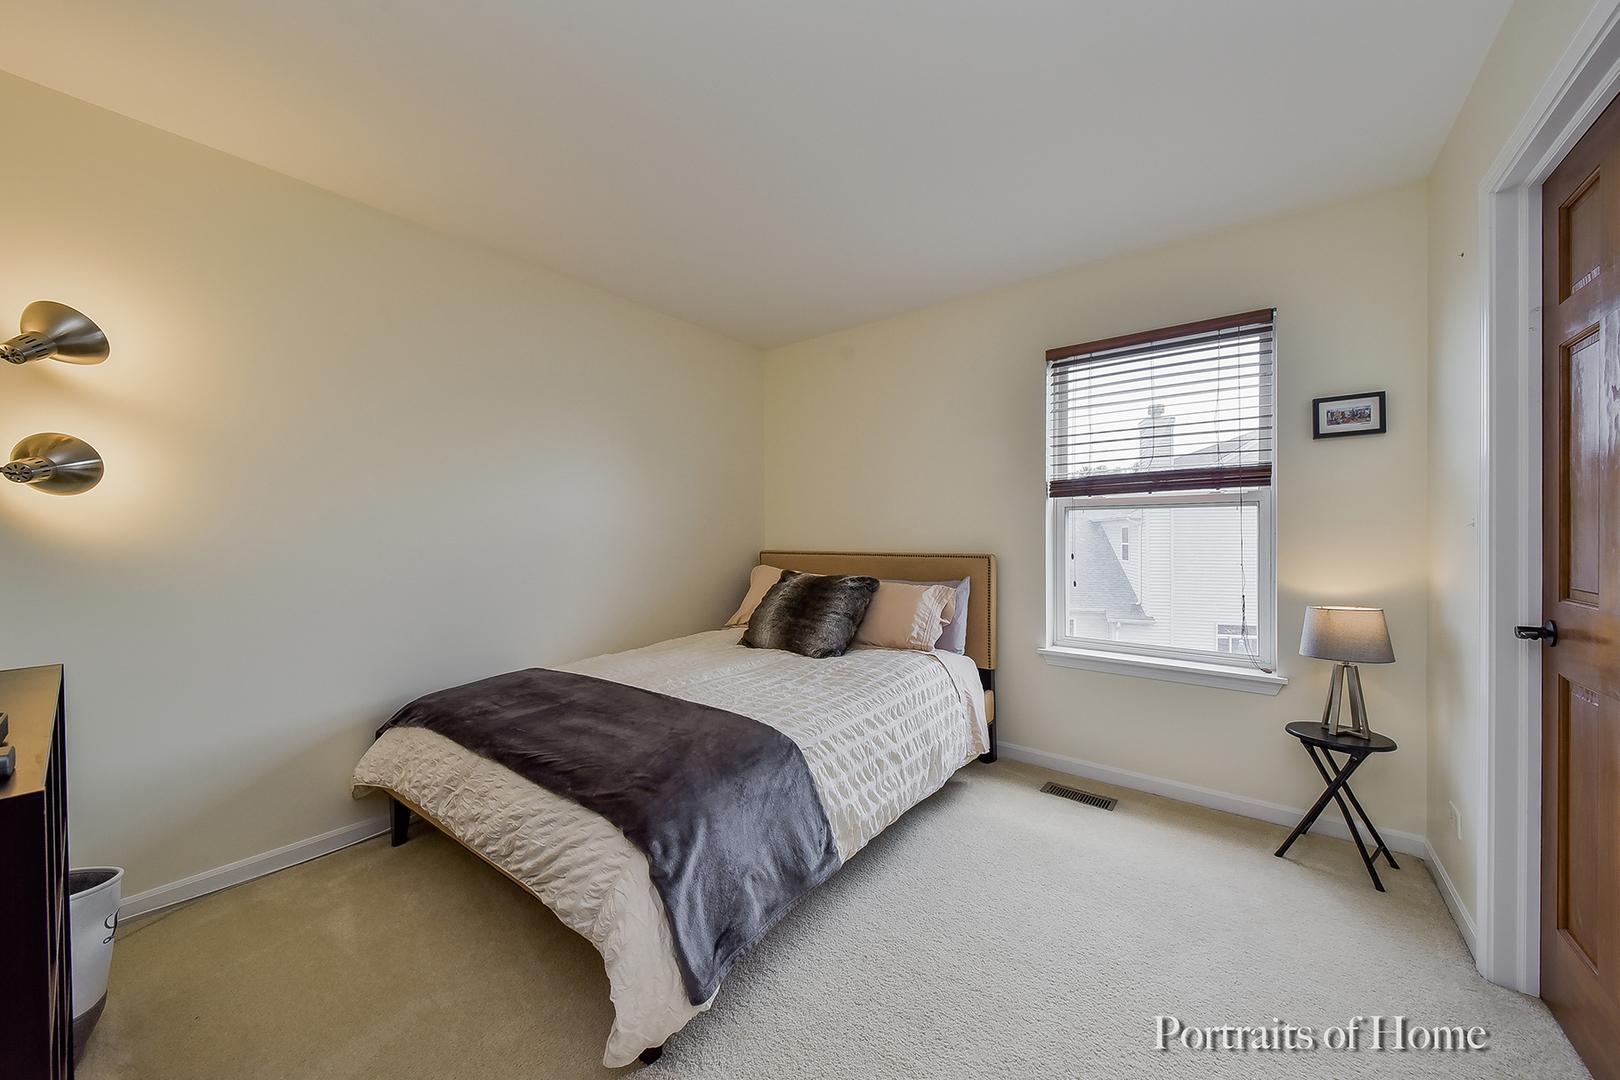 279 Pleasant Plains, ST. CHARLES, Illinois, 60175